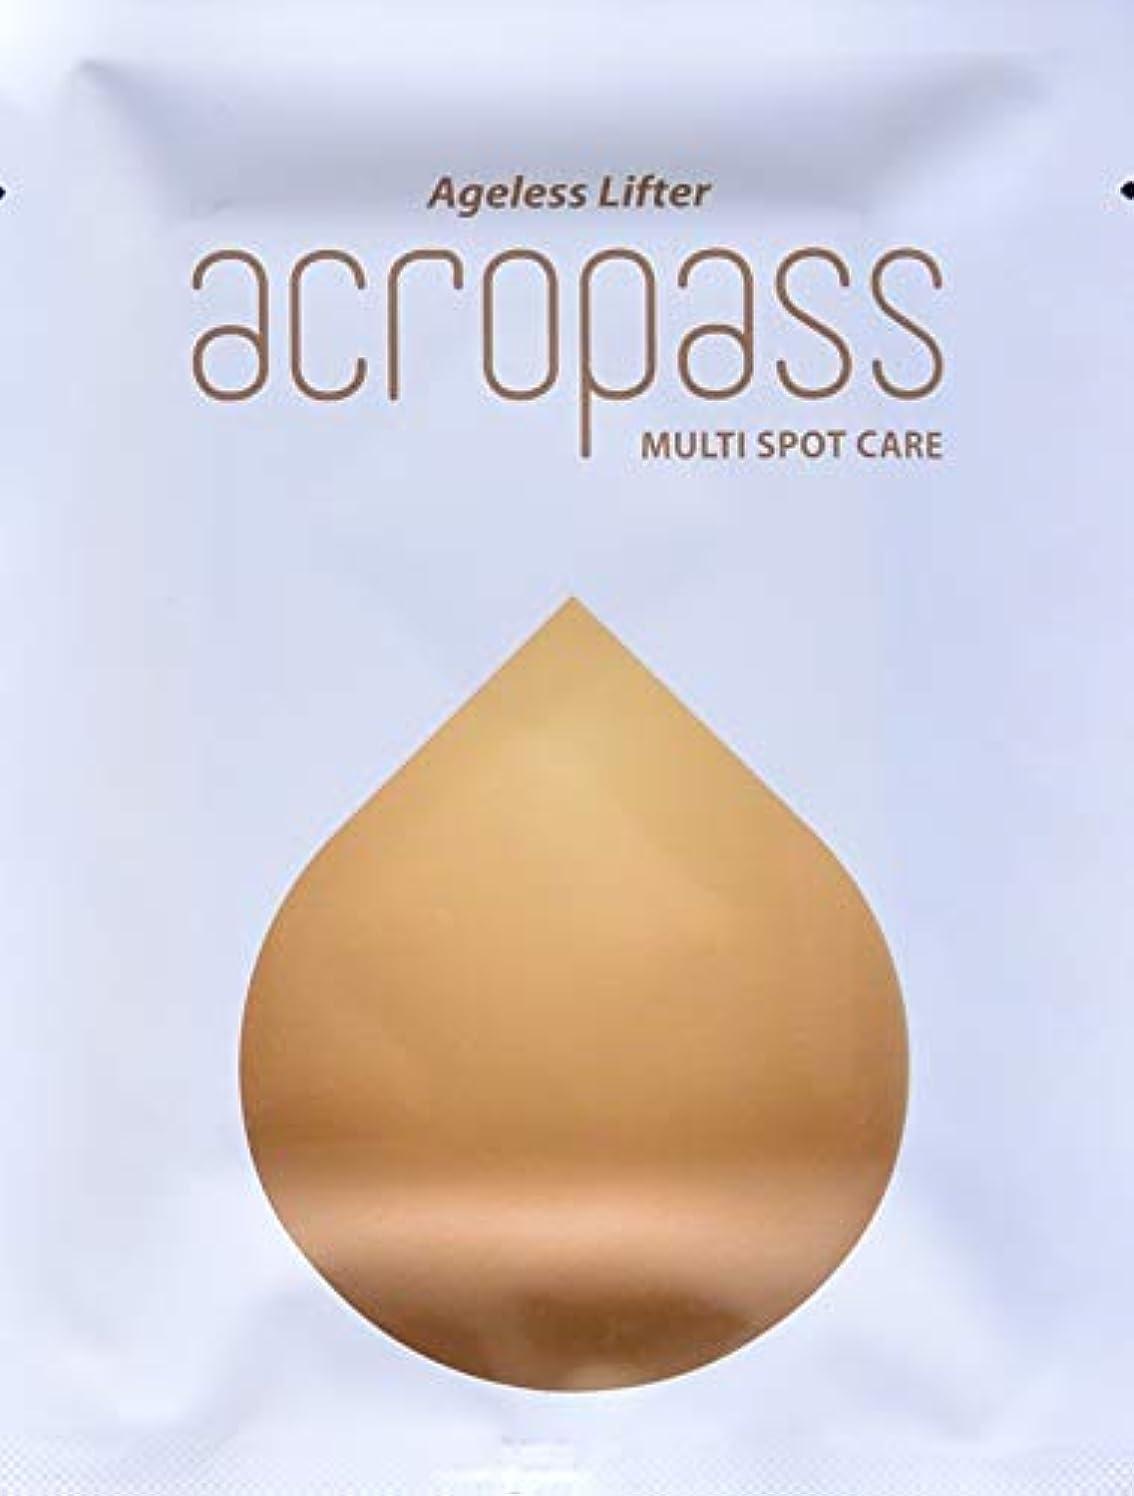 ハンディハウス地味な★アクロパス マルチスポットケア★ 1パウチ(2枚入り)目尻や局所用アクロパス、ヒアルロン酸+EGF配合マイクロニードルパッチ。 他にお得な2パウチセットもございます